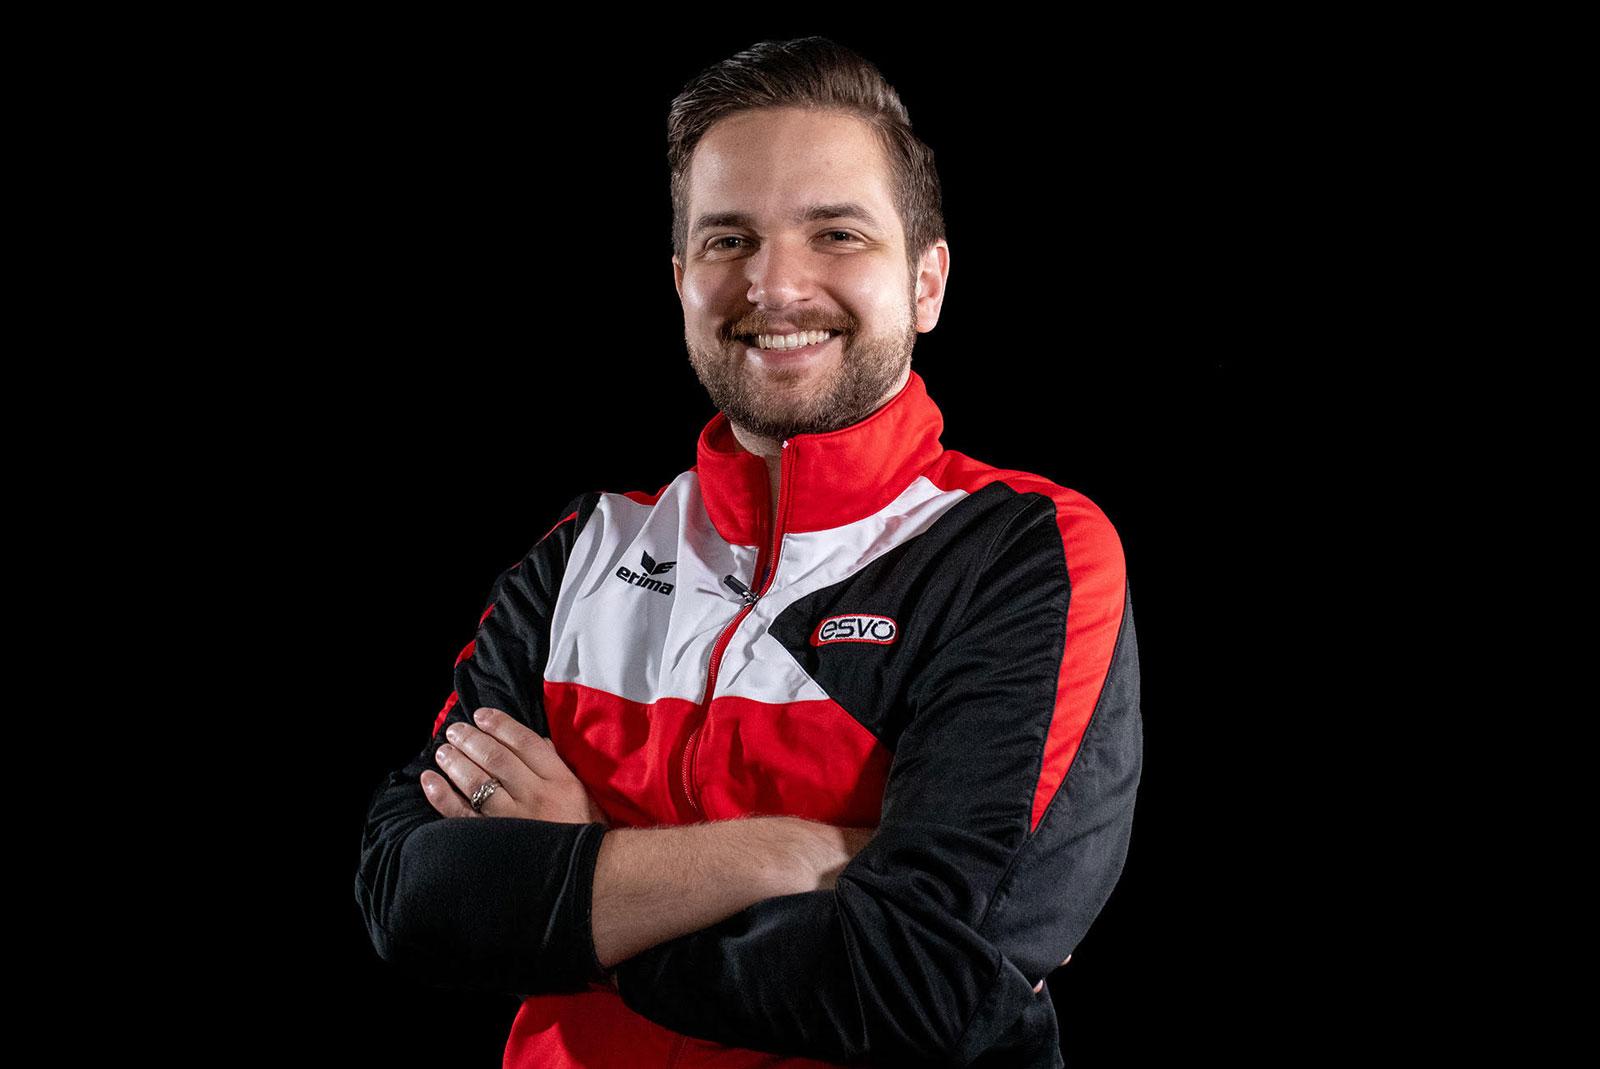 Manuel Haselberger: Pressesprecher beim eSport Verband Österreich